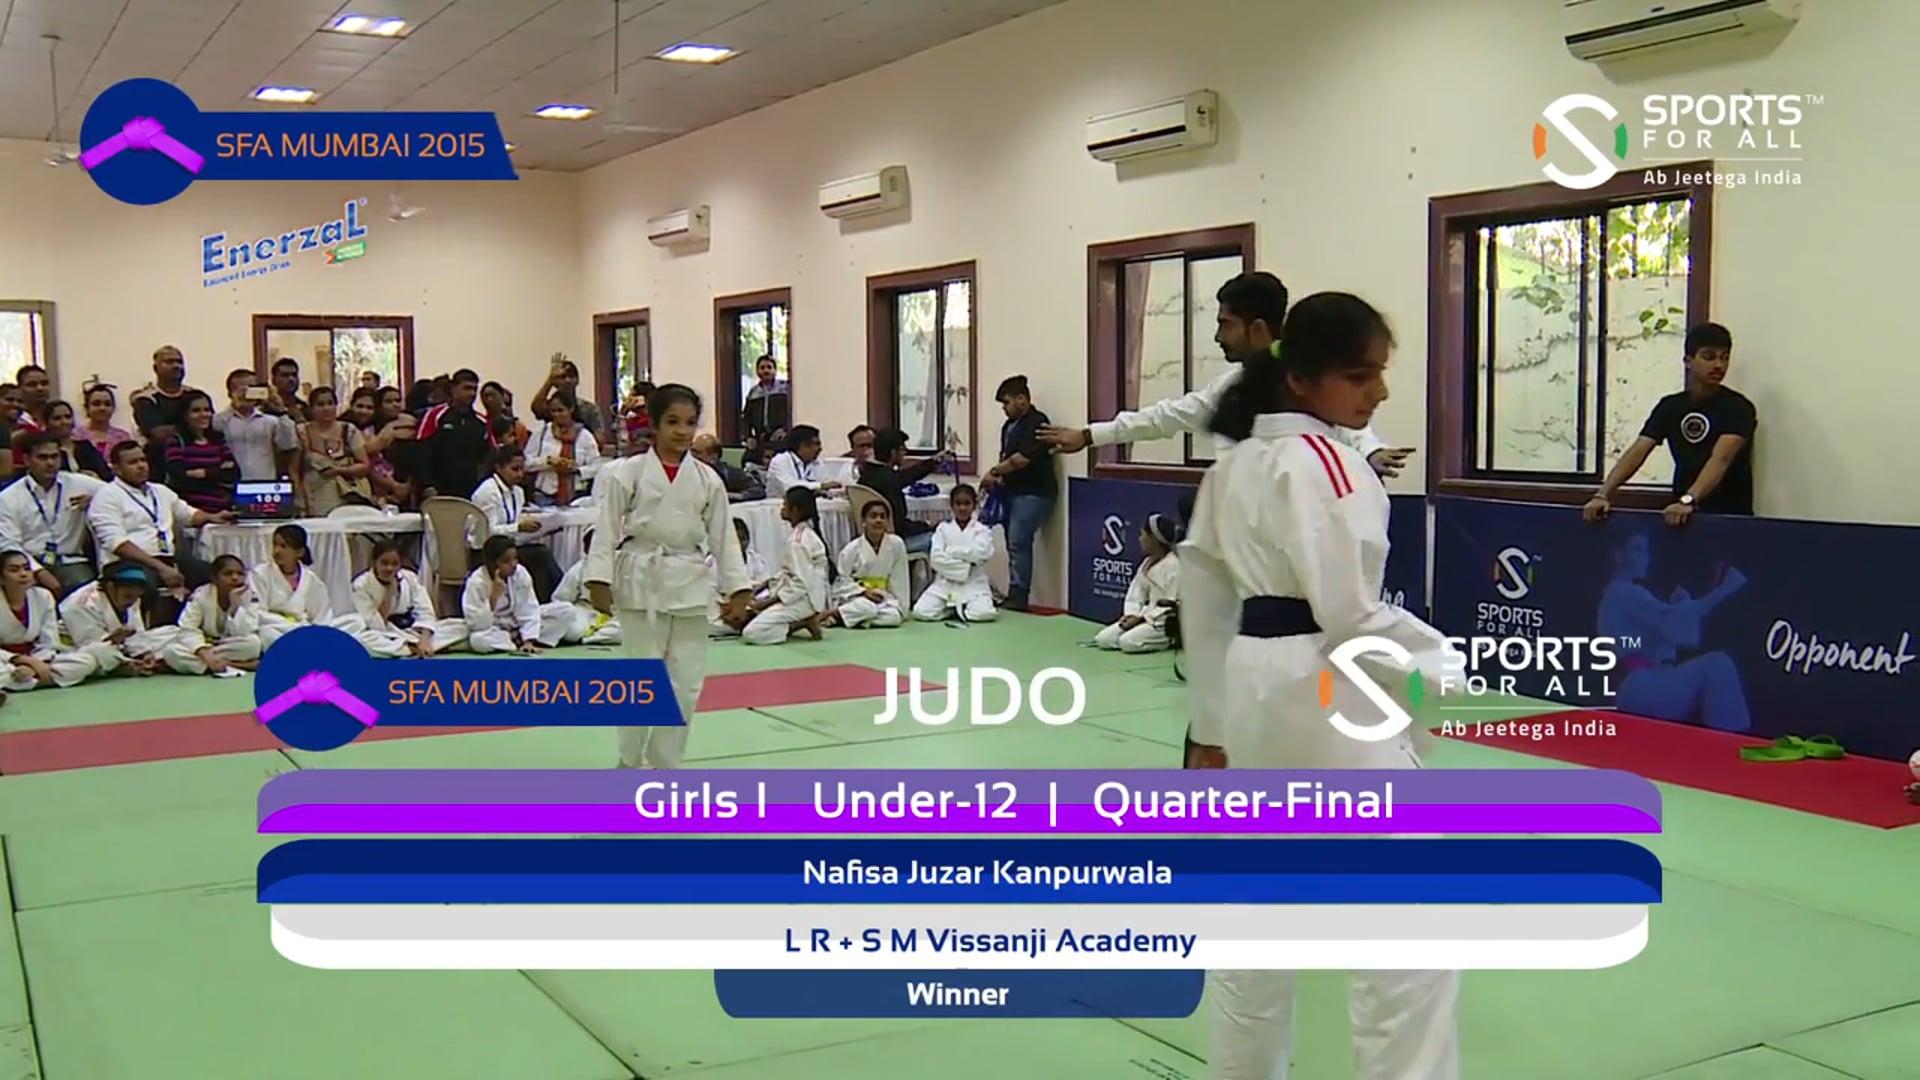 SFA Mumbai 2015   Judo   N J Kanpurwala Vs Madlani Isha Bharat   Girls   U-12   -37Kg   QF